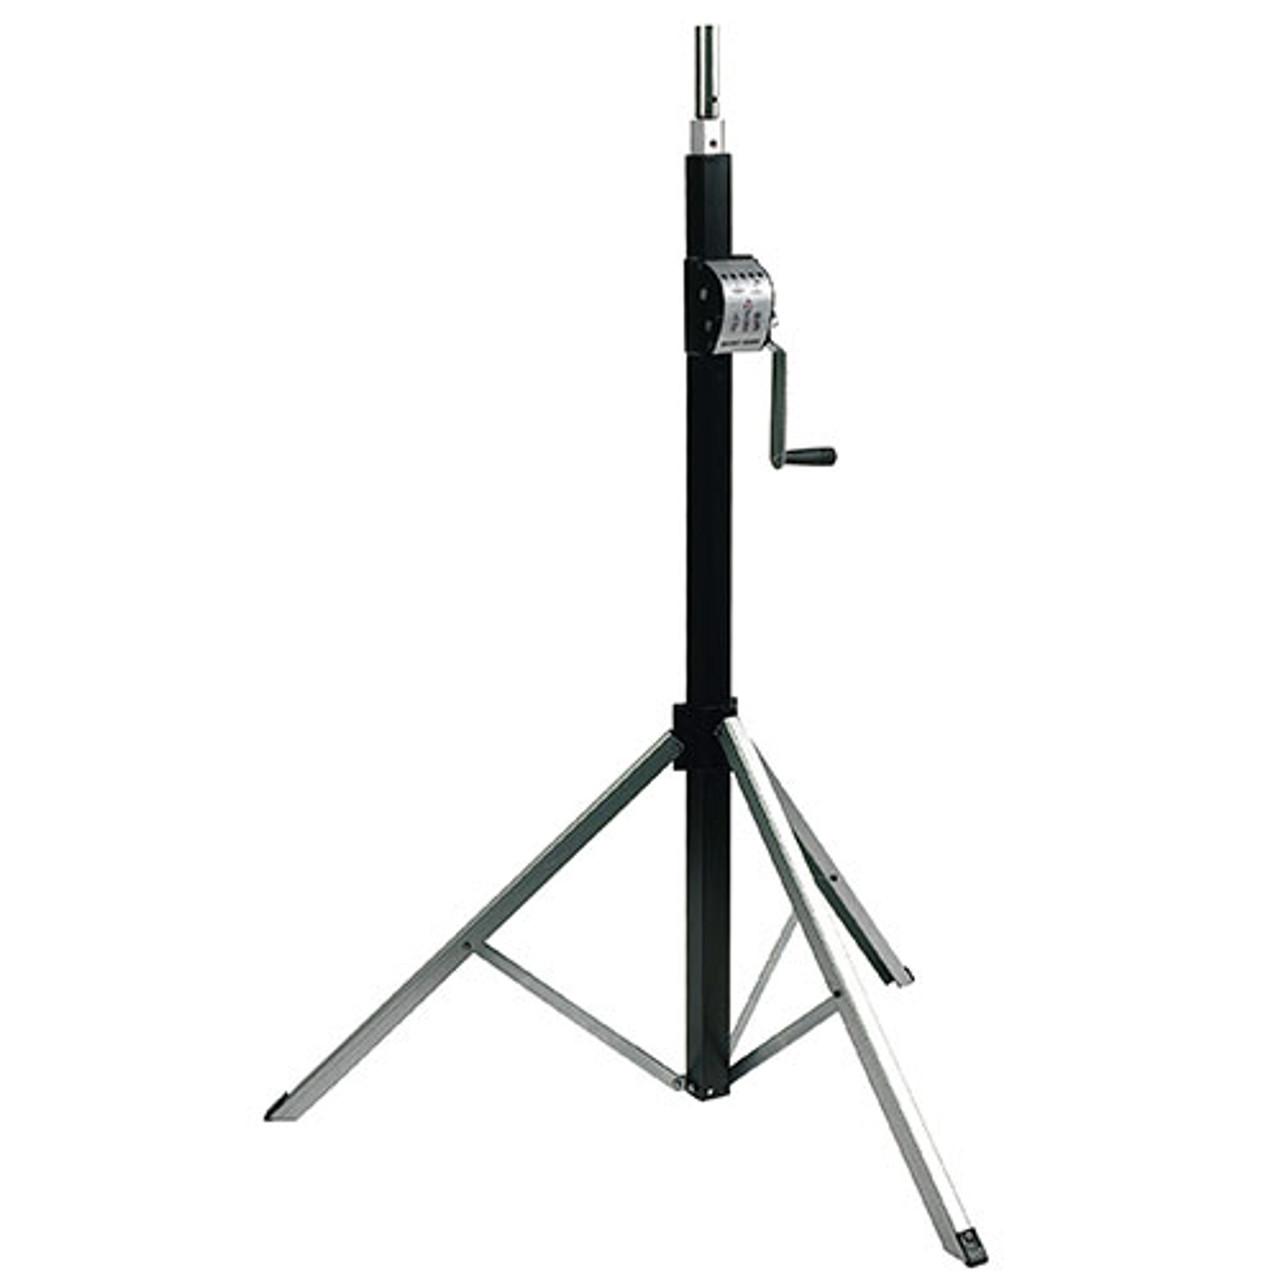 Global Truss DT-3800L 12ft. Crank Stand DT-3800L